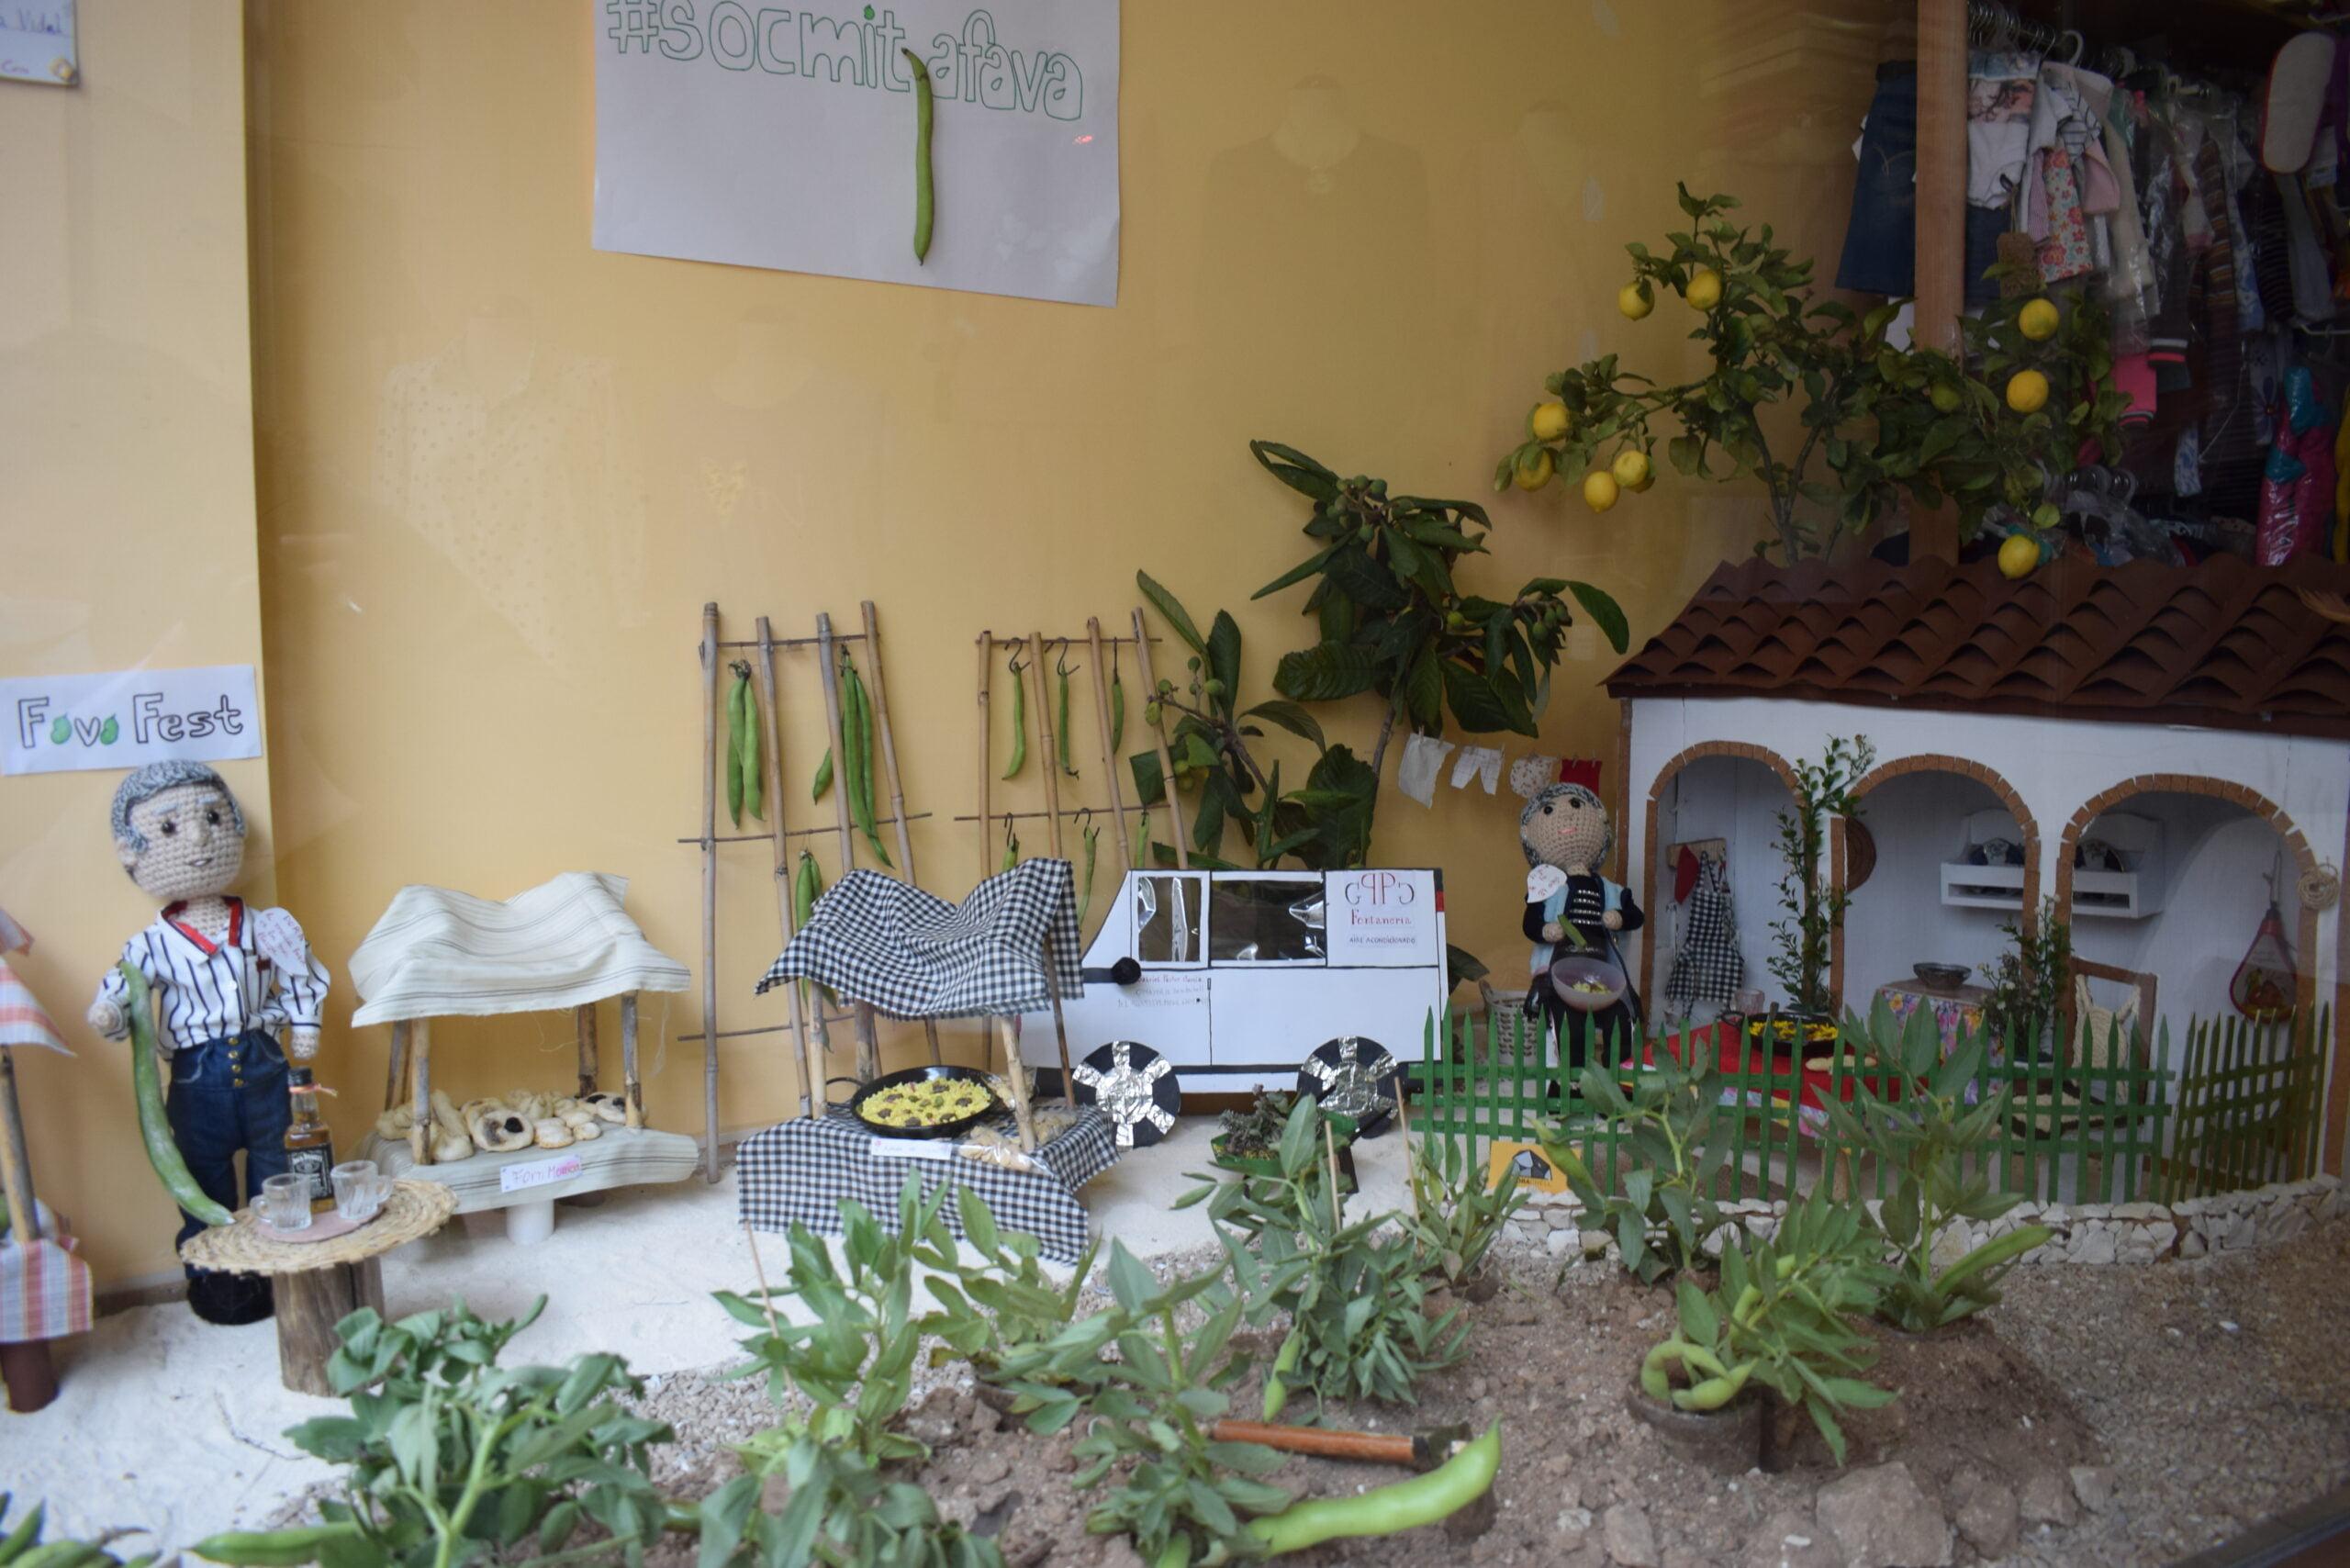 Concurso escaparates 'socmitjafava'